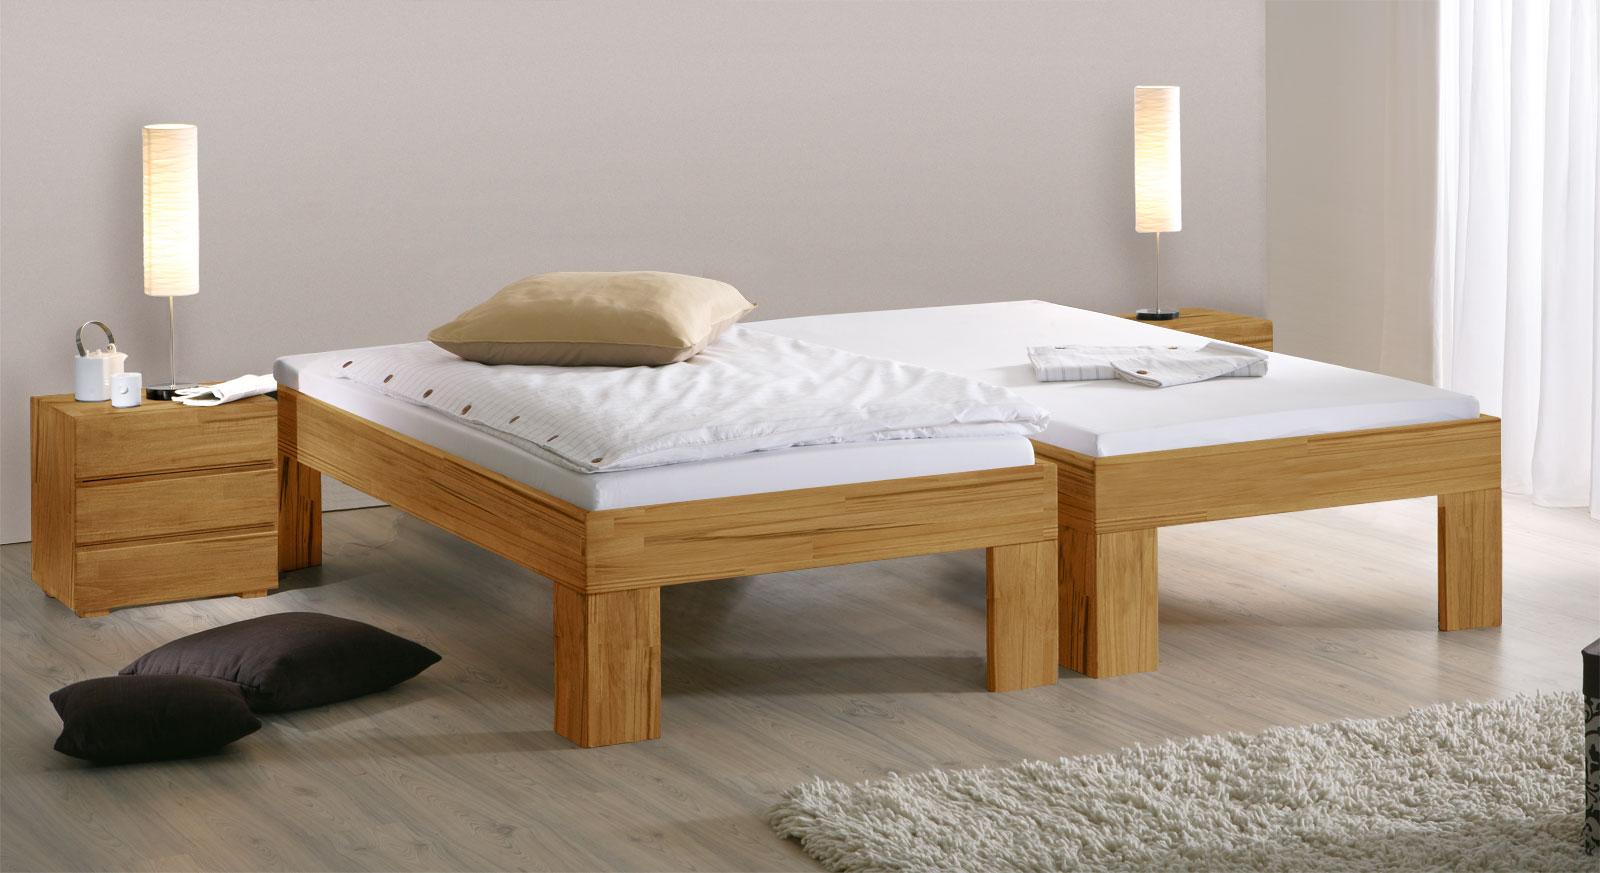 Bett Lucca Komfort mit der Fußhöhe 30cm in Kernbuche